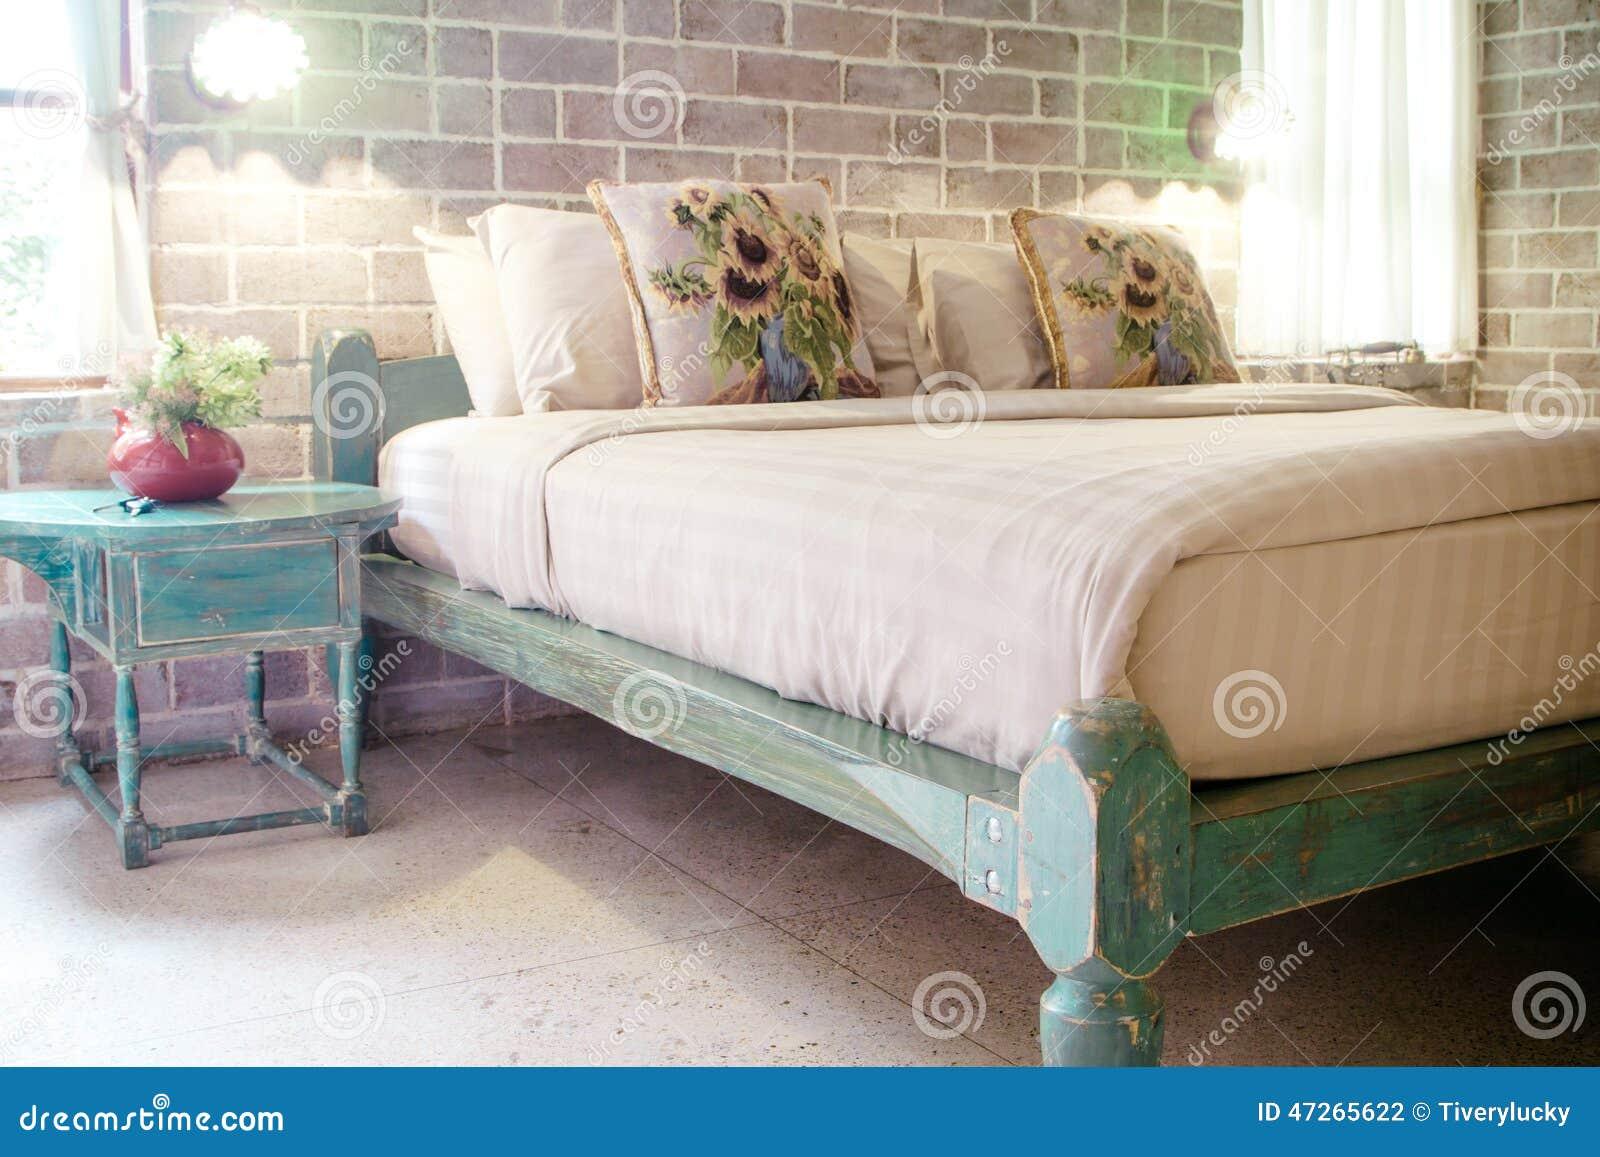 Style De Chambre Vintage